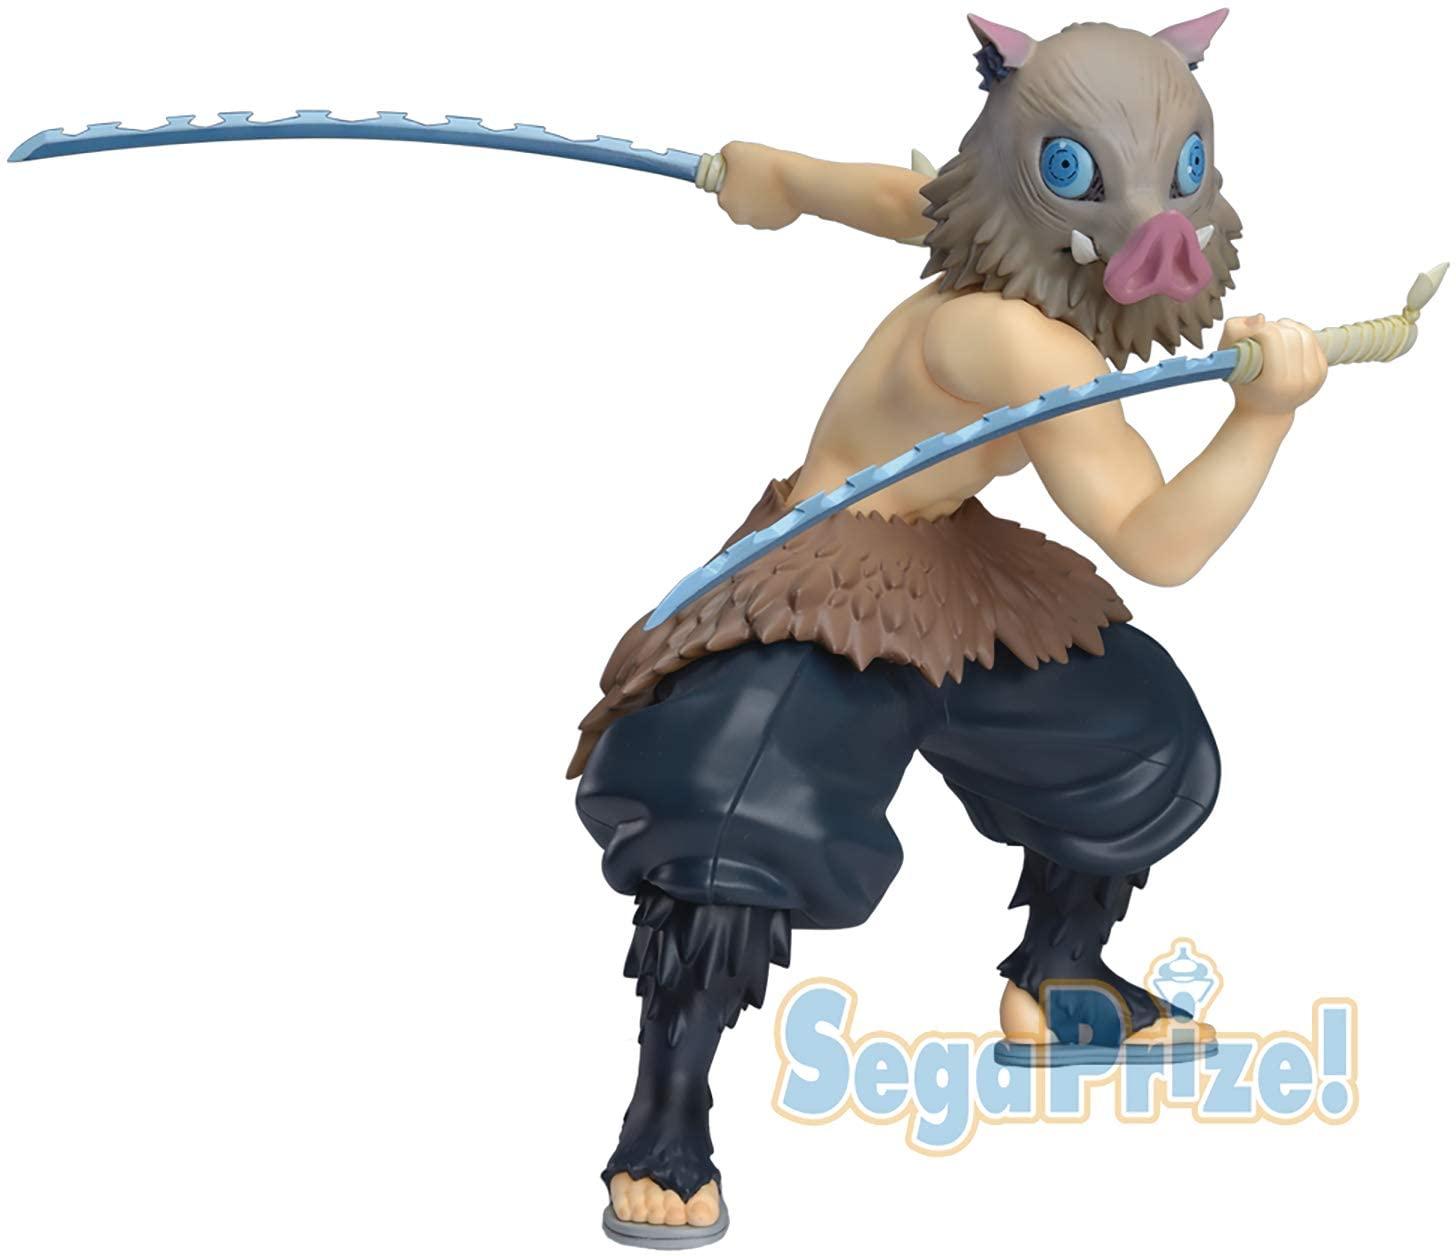 Inosuke Hashibira Figure, Demon Slayer, Kimetsu no Yaiba, SPM Figure, Sega